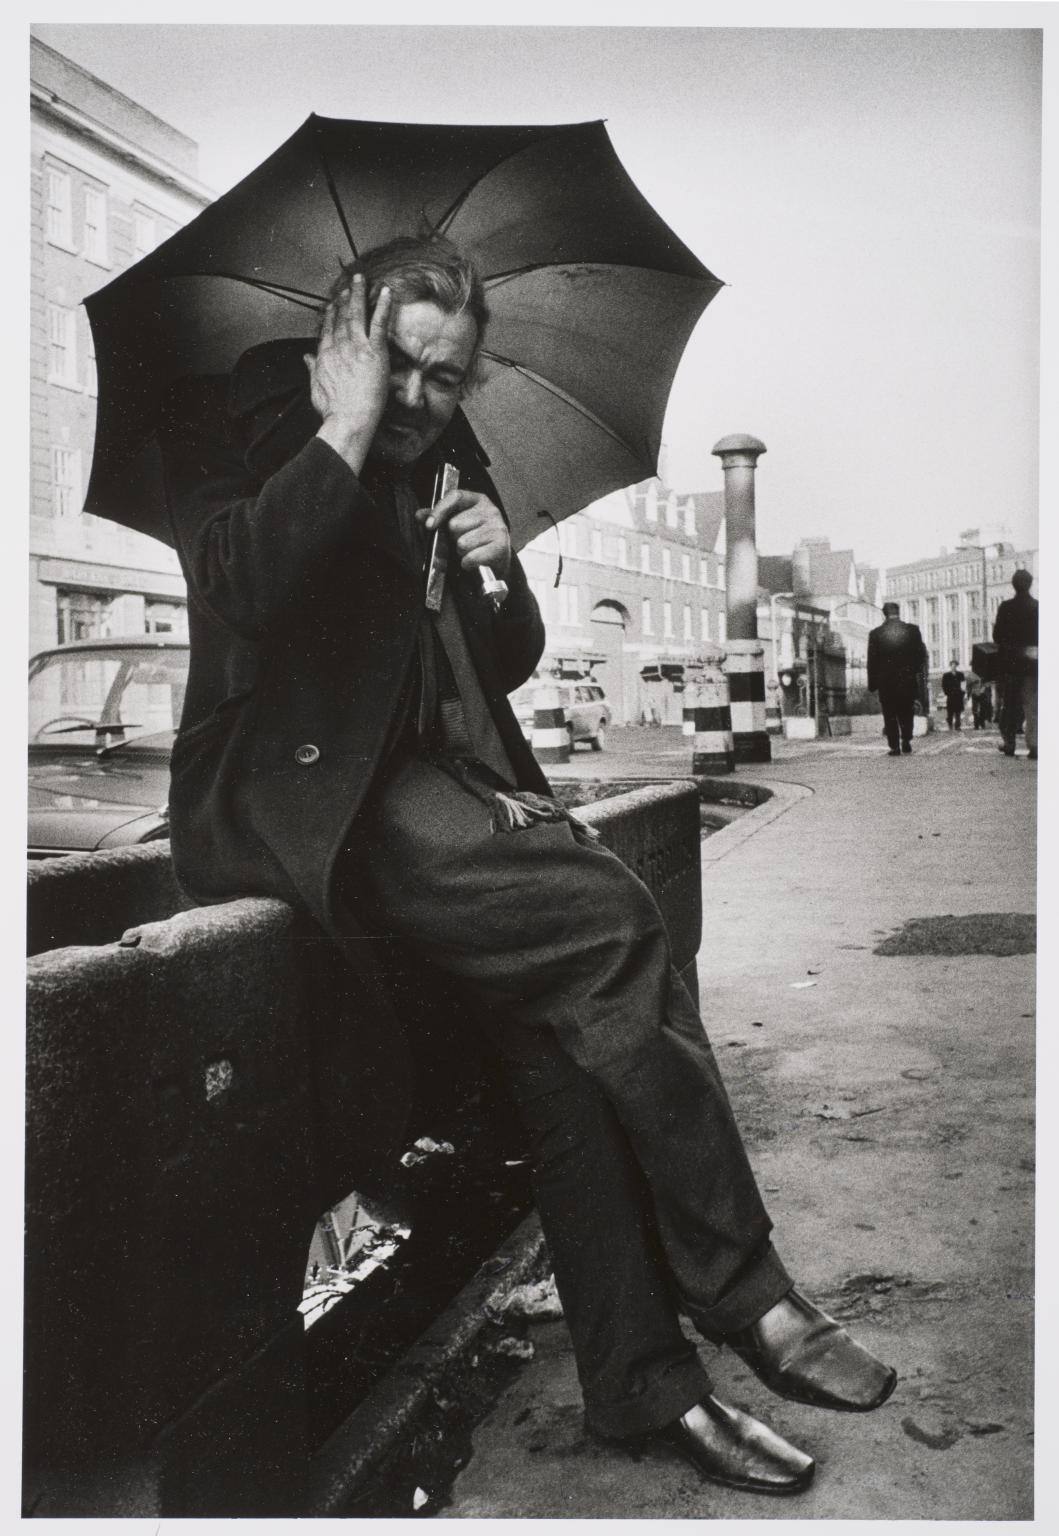 Muž hrající na harmoniku před Christ Church, Commercial Road, Londýn, 1978